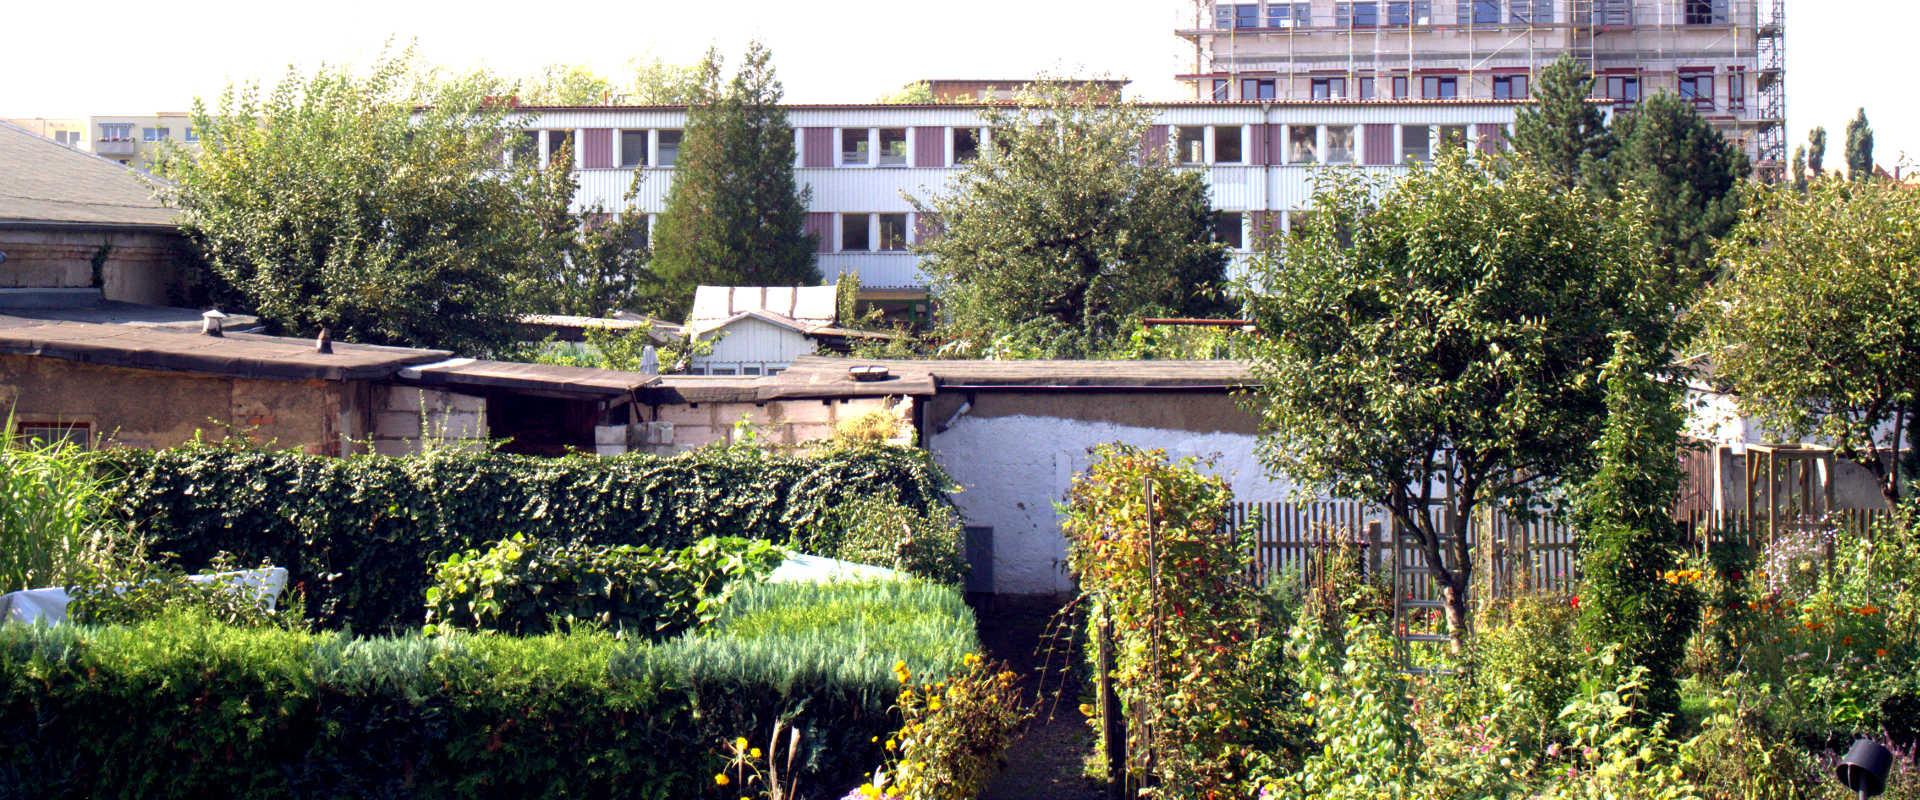 Ein Wohn- und Kulturprojekt in Leipzig - Lindenau